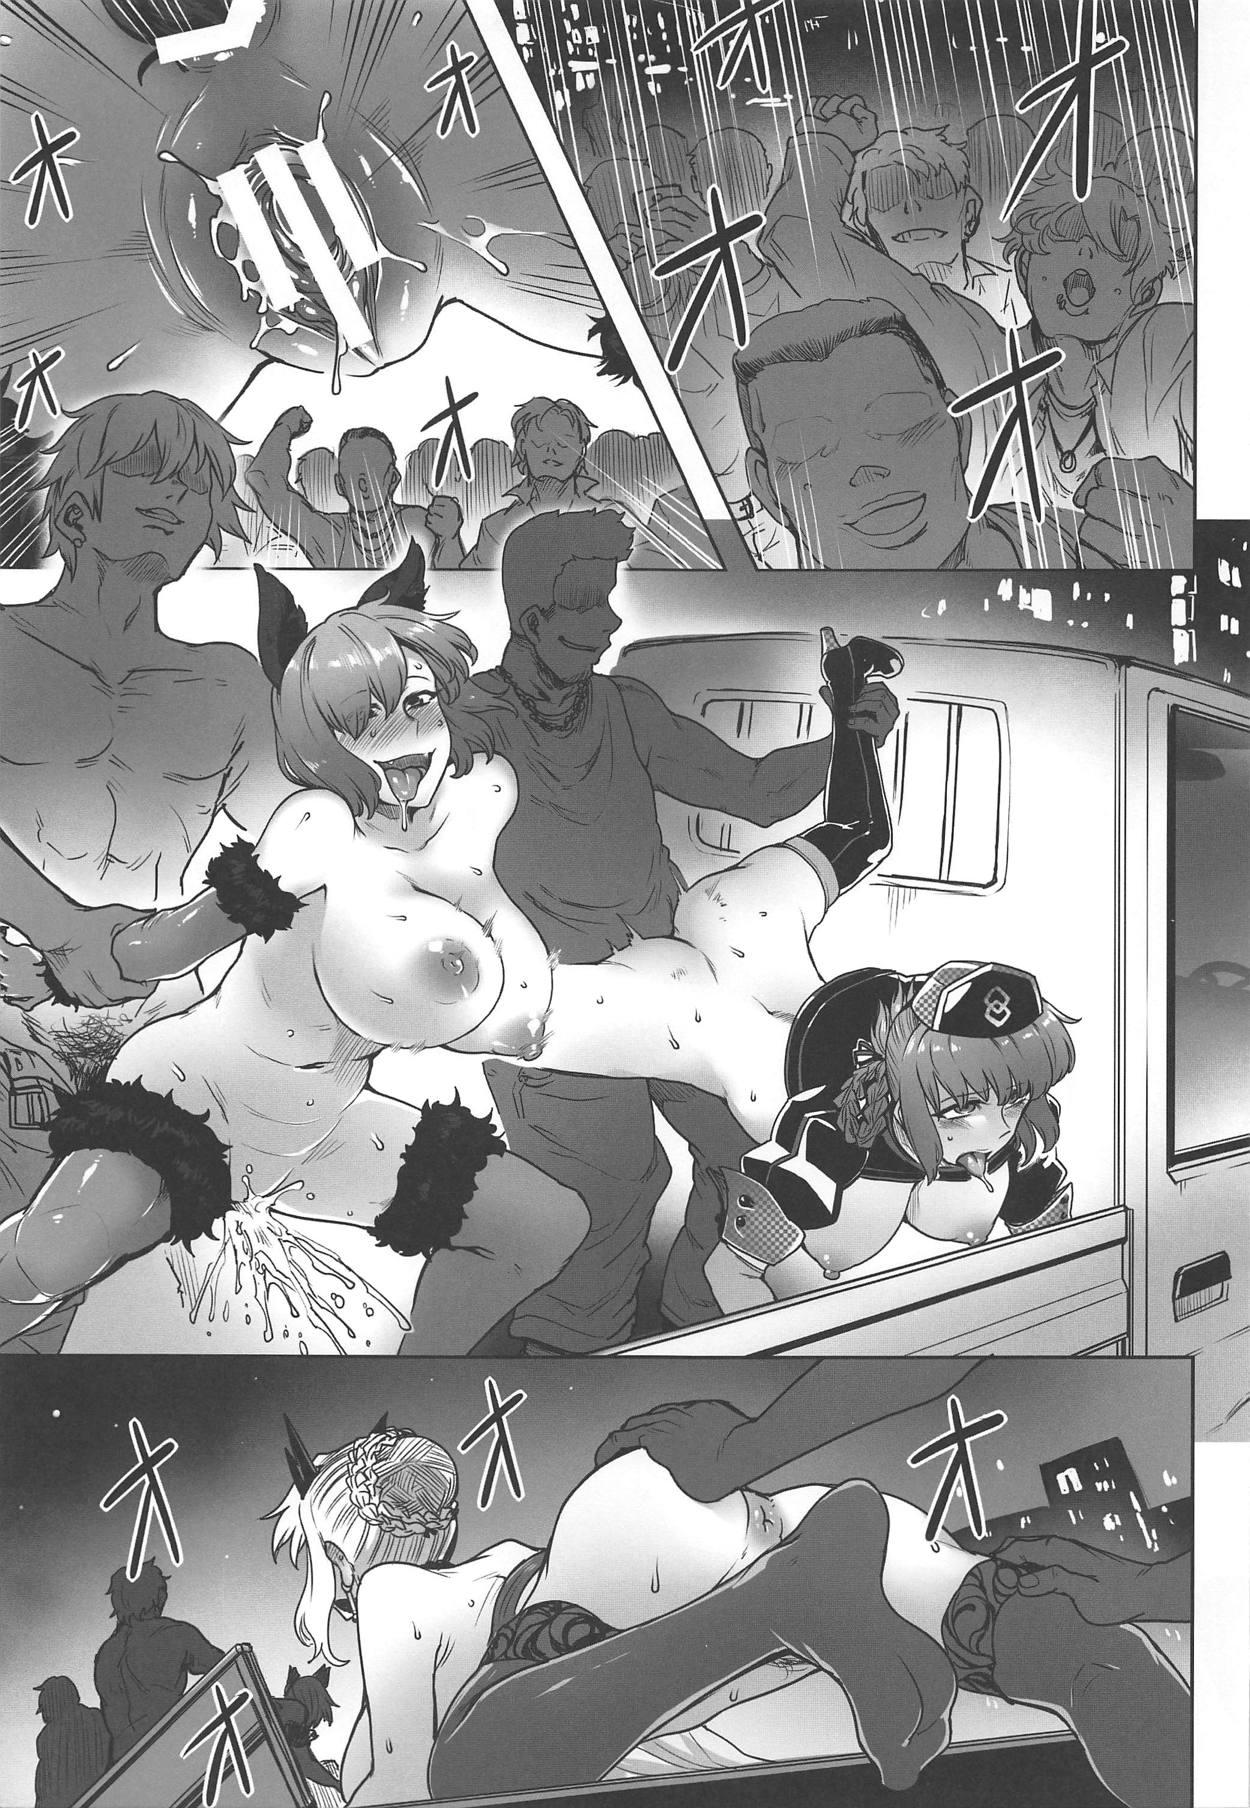 【エロ同人誌】(C95)ハロウィンで盛り上がる繁華街に過激なコスプレ姿で現れたマシュ・アルトリア・ナイチンゲール…ヤる気満々の男たちに囲われ野外で堂々と乱交セックスwww【酉寅:ドスケベハロウィンパレード】